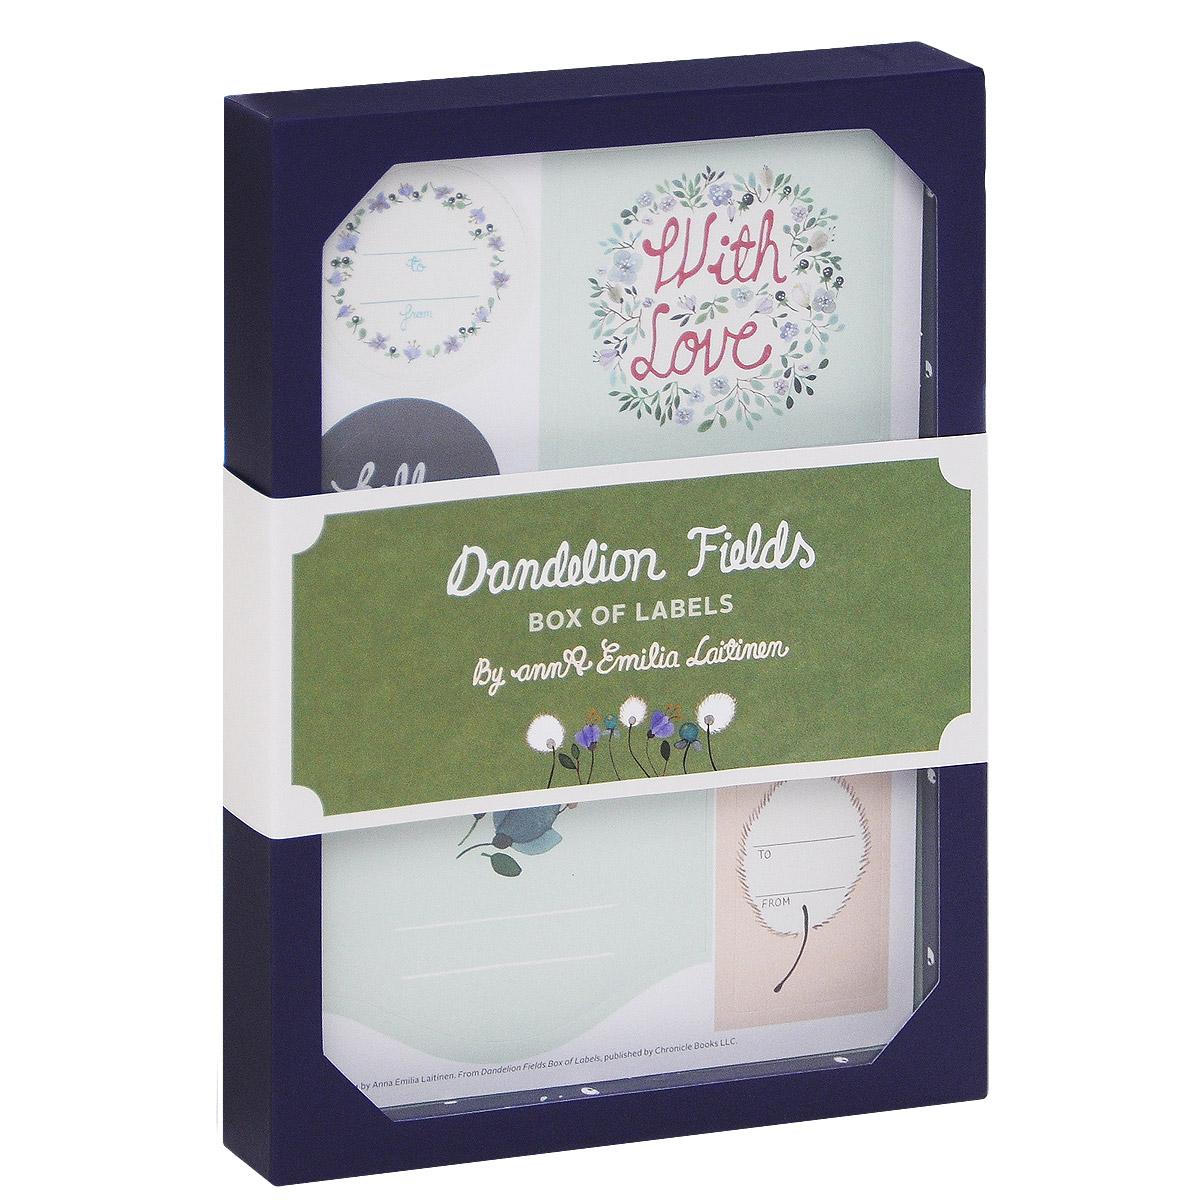 Dandelion Fields: Box of Labels